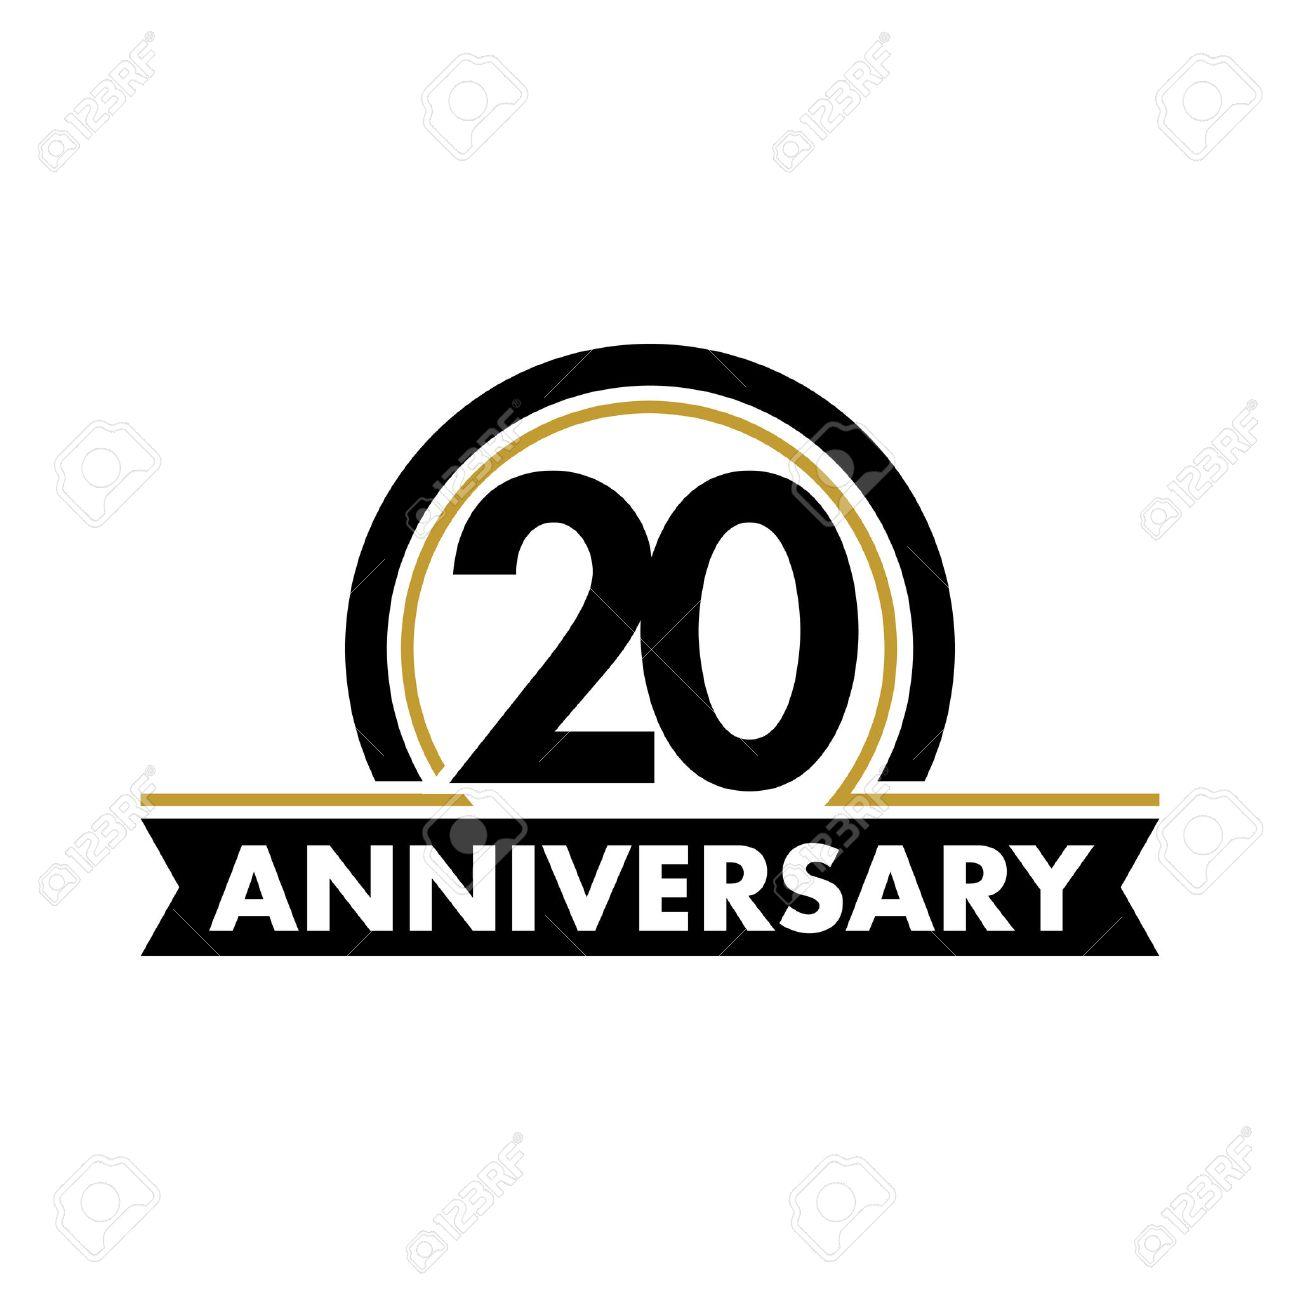 Anniversary vector unusual label twentieth anniversary symbol anniversary vector unusual label twentieth anniversary symbol 20 years birthday abstract logo the buycottarizona